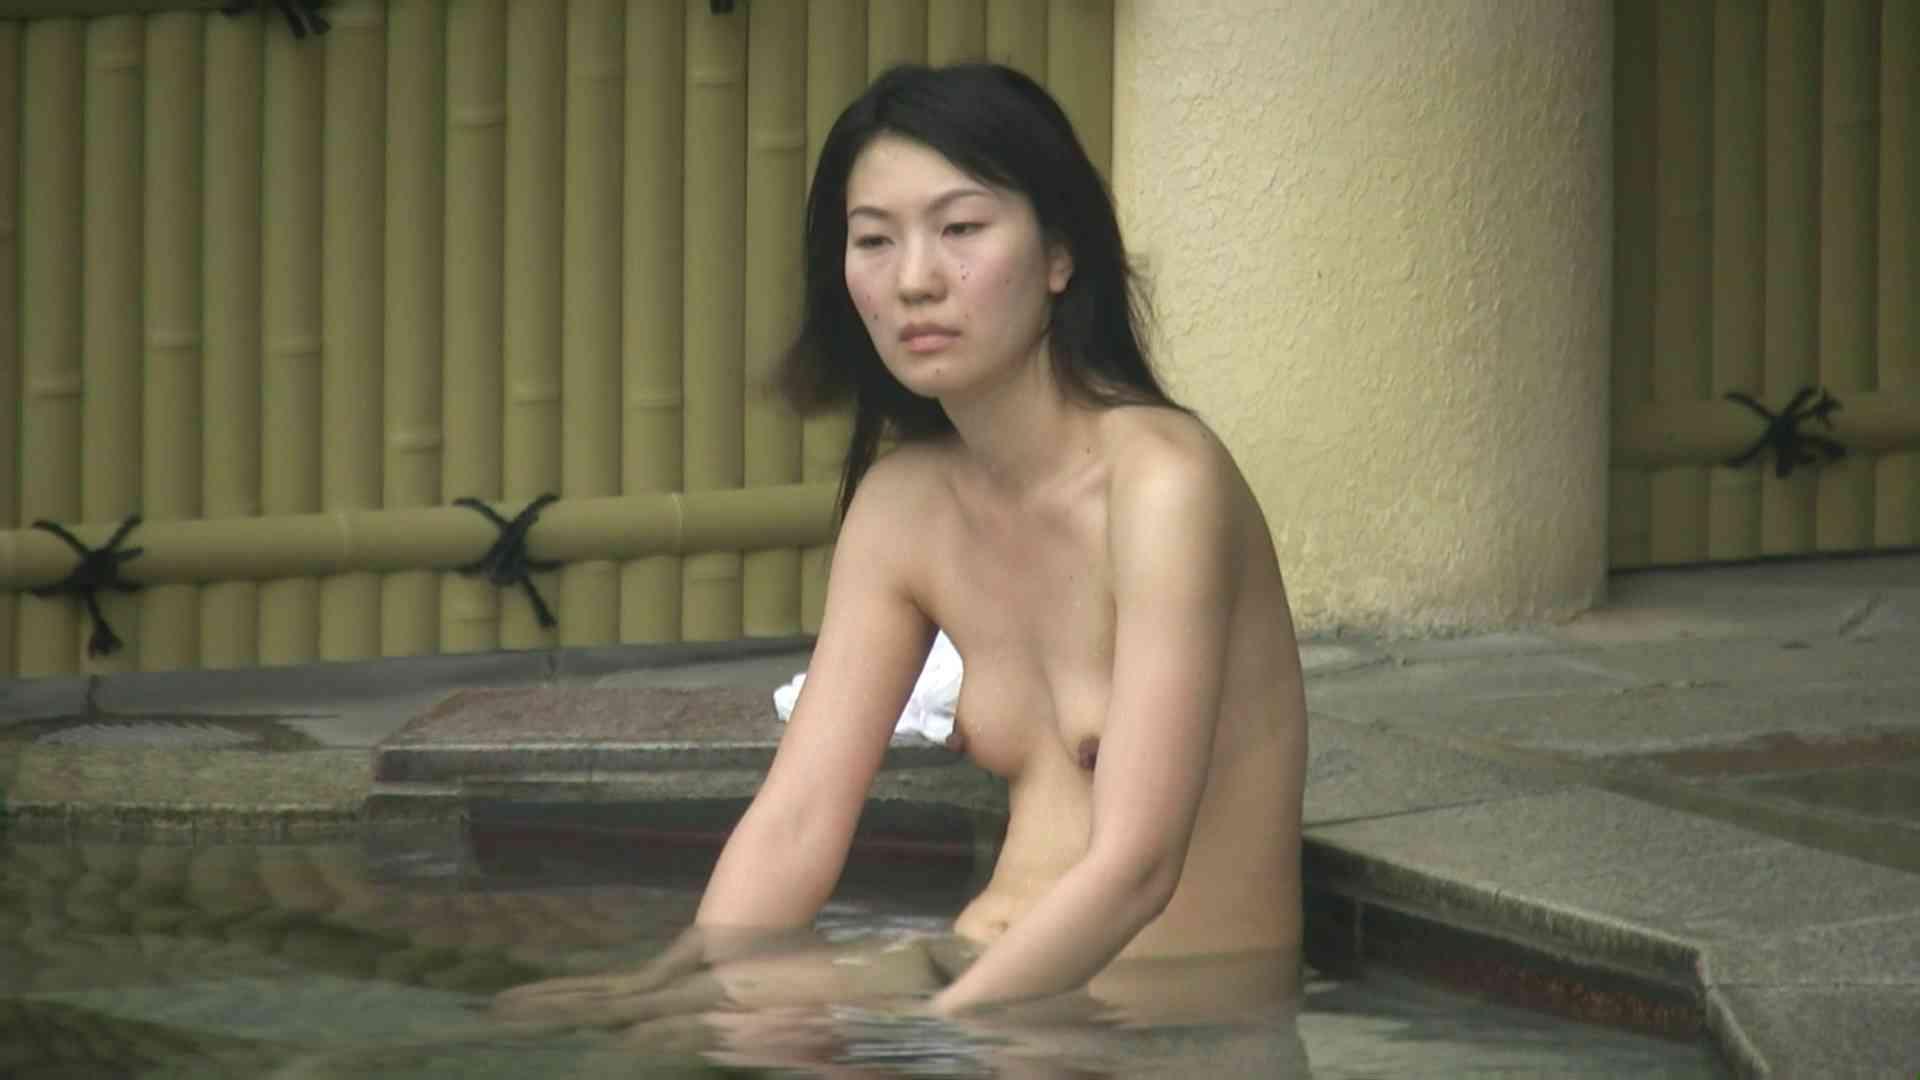 高画質露天女風呂観察 vol.034 女風呂 | Hな乙女  49pic 47